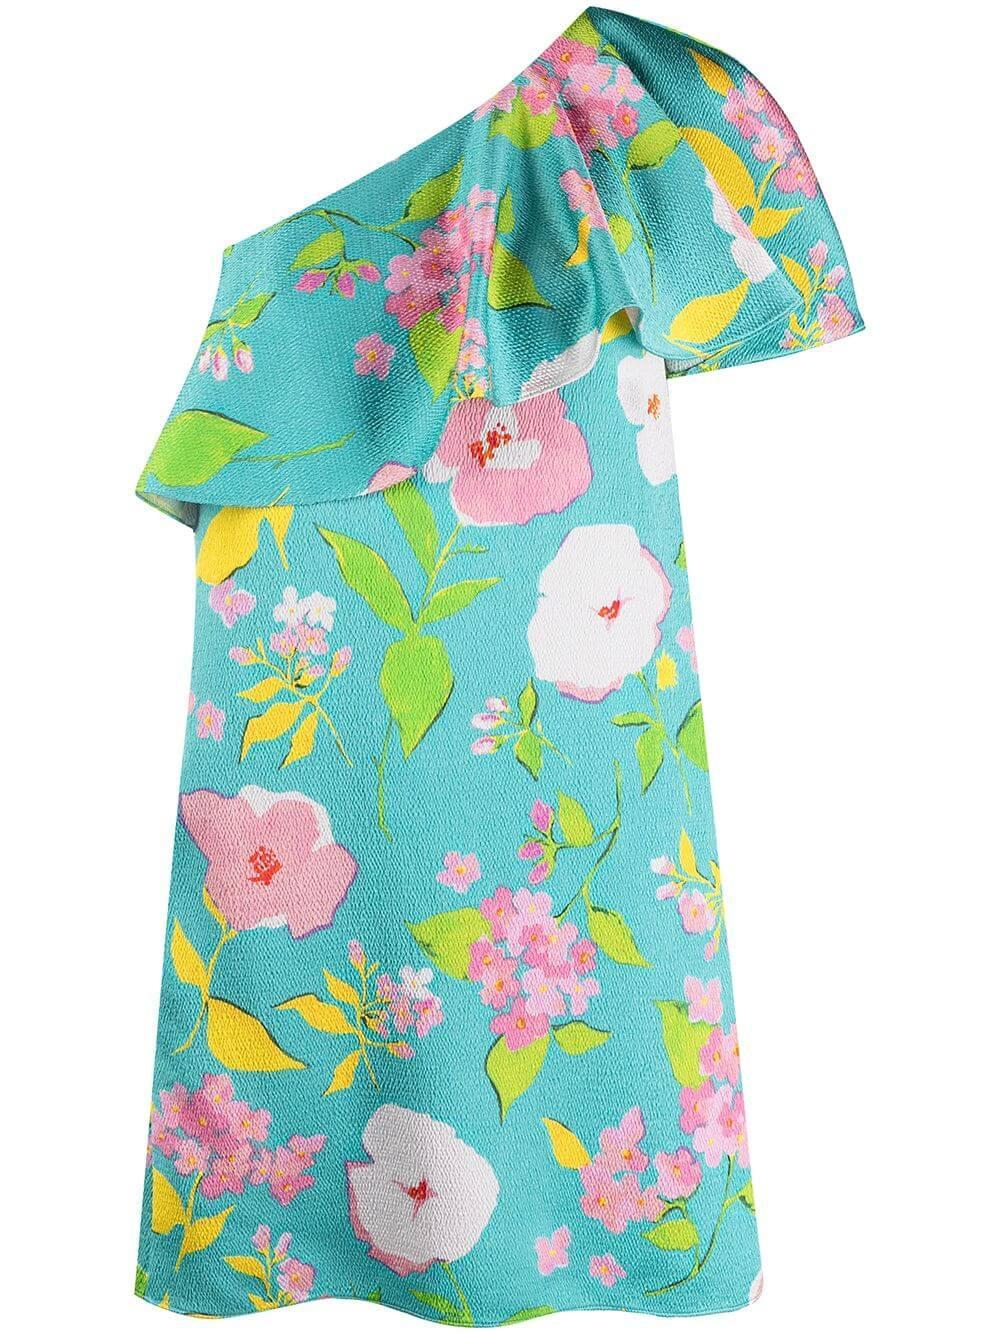 One Shoulder Floral Dress Item # 652178Y5C62